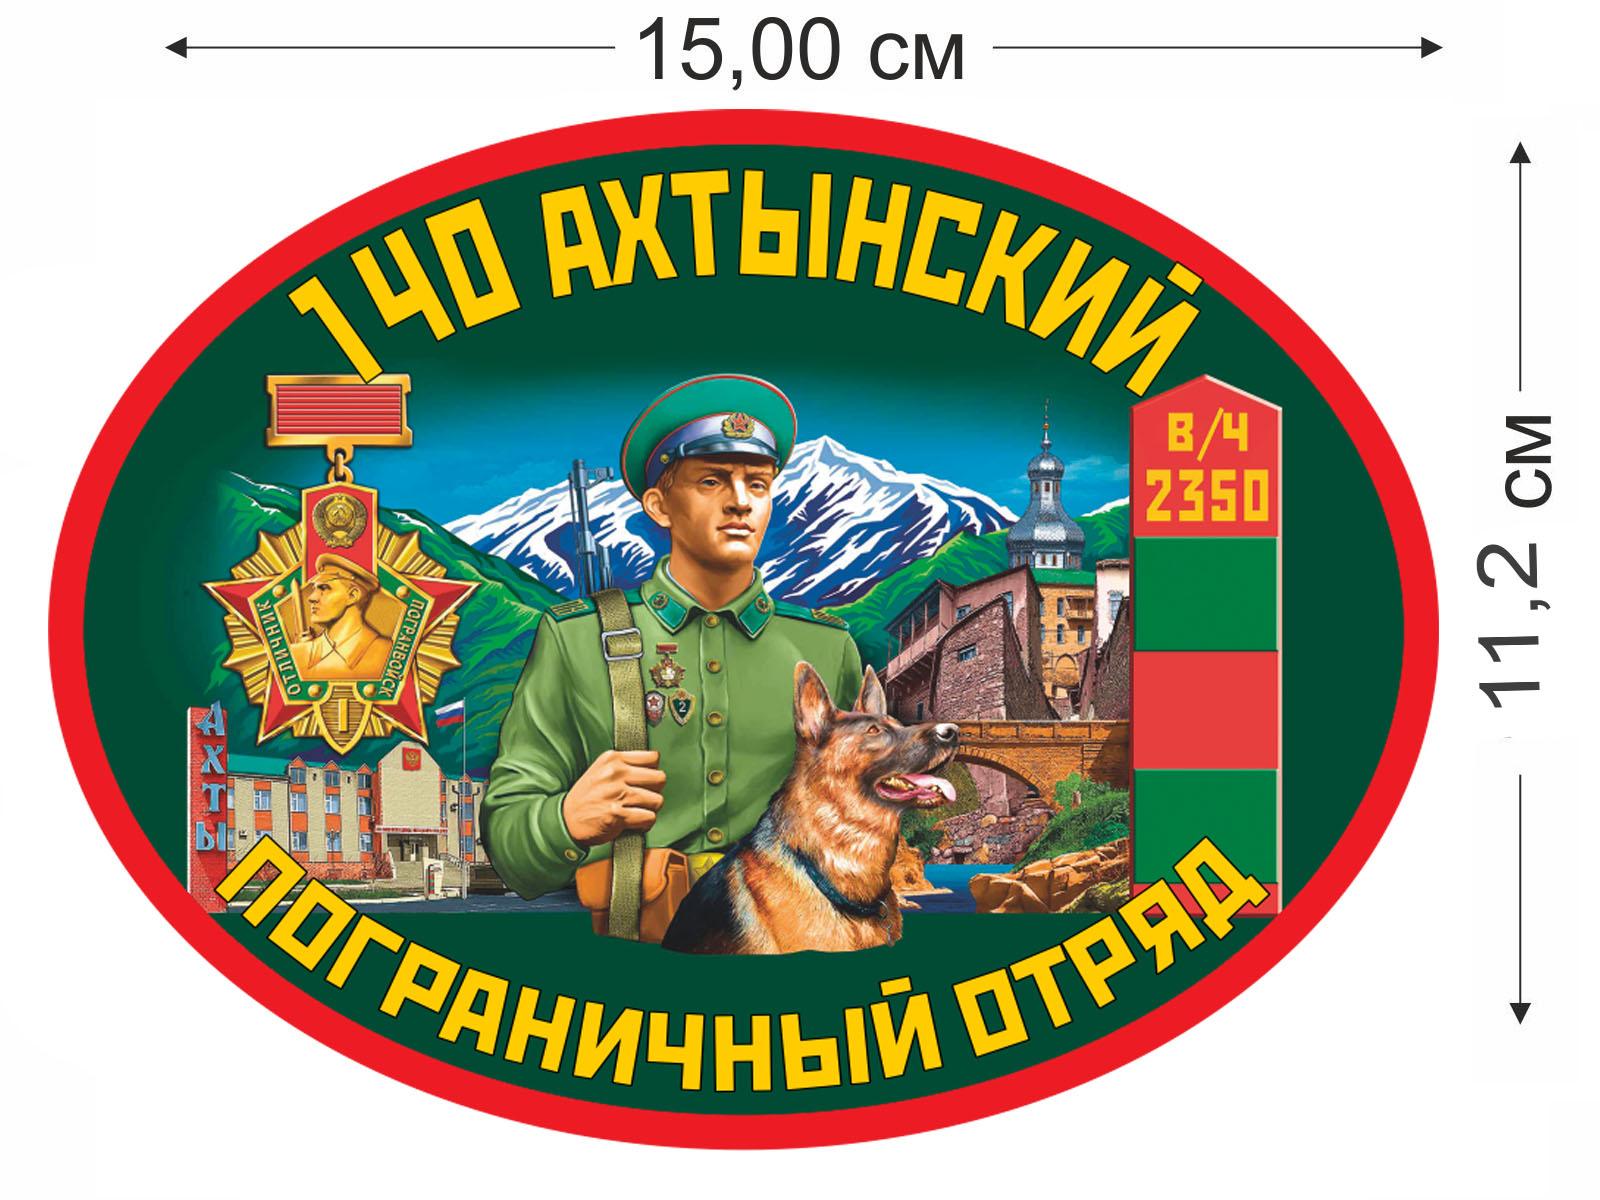 Наклейка 140 Ахтынский пограничный отряд